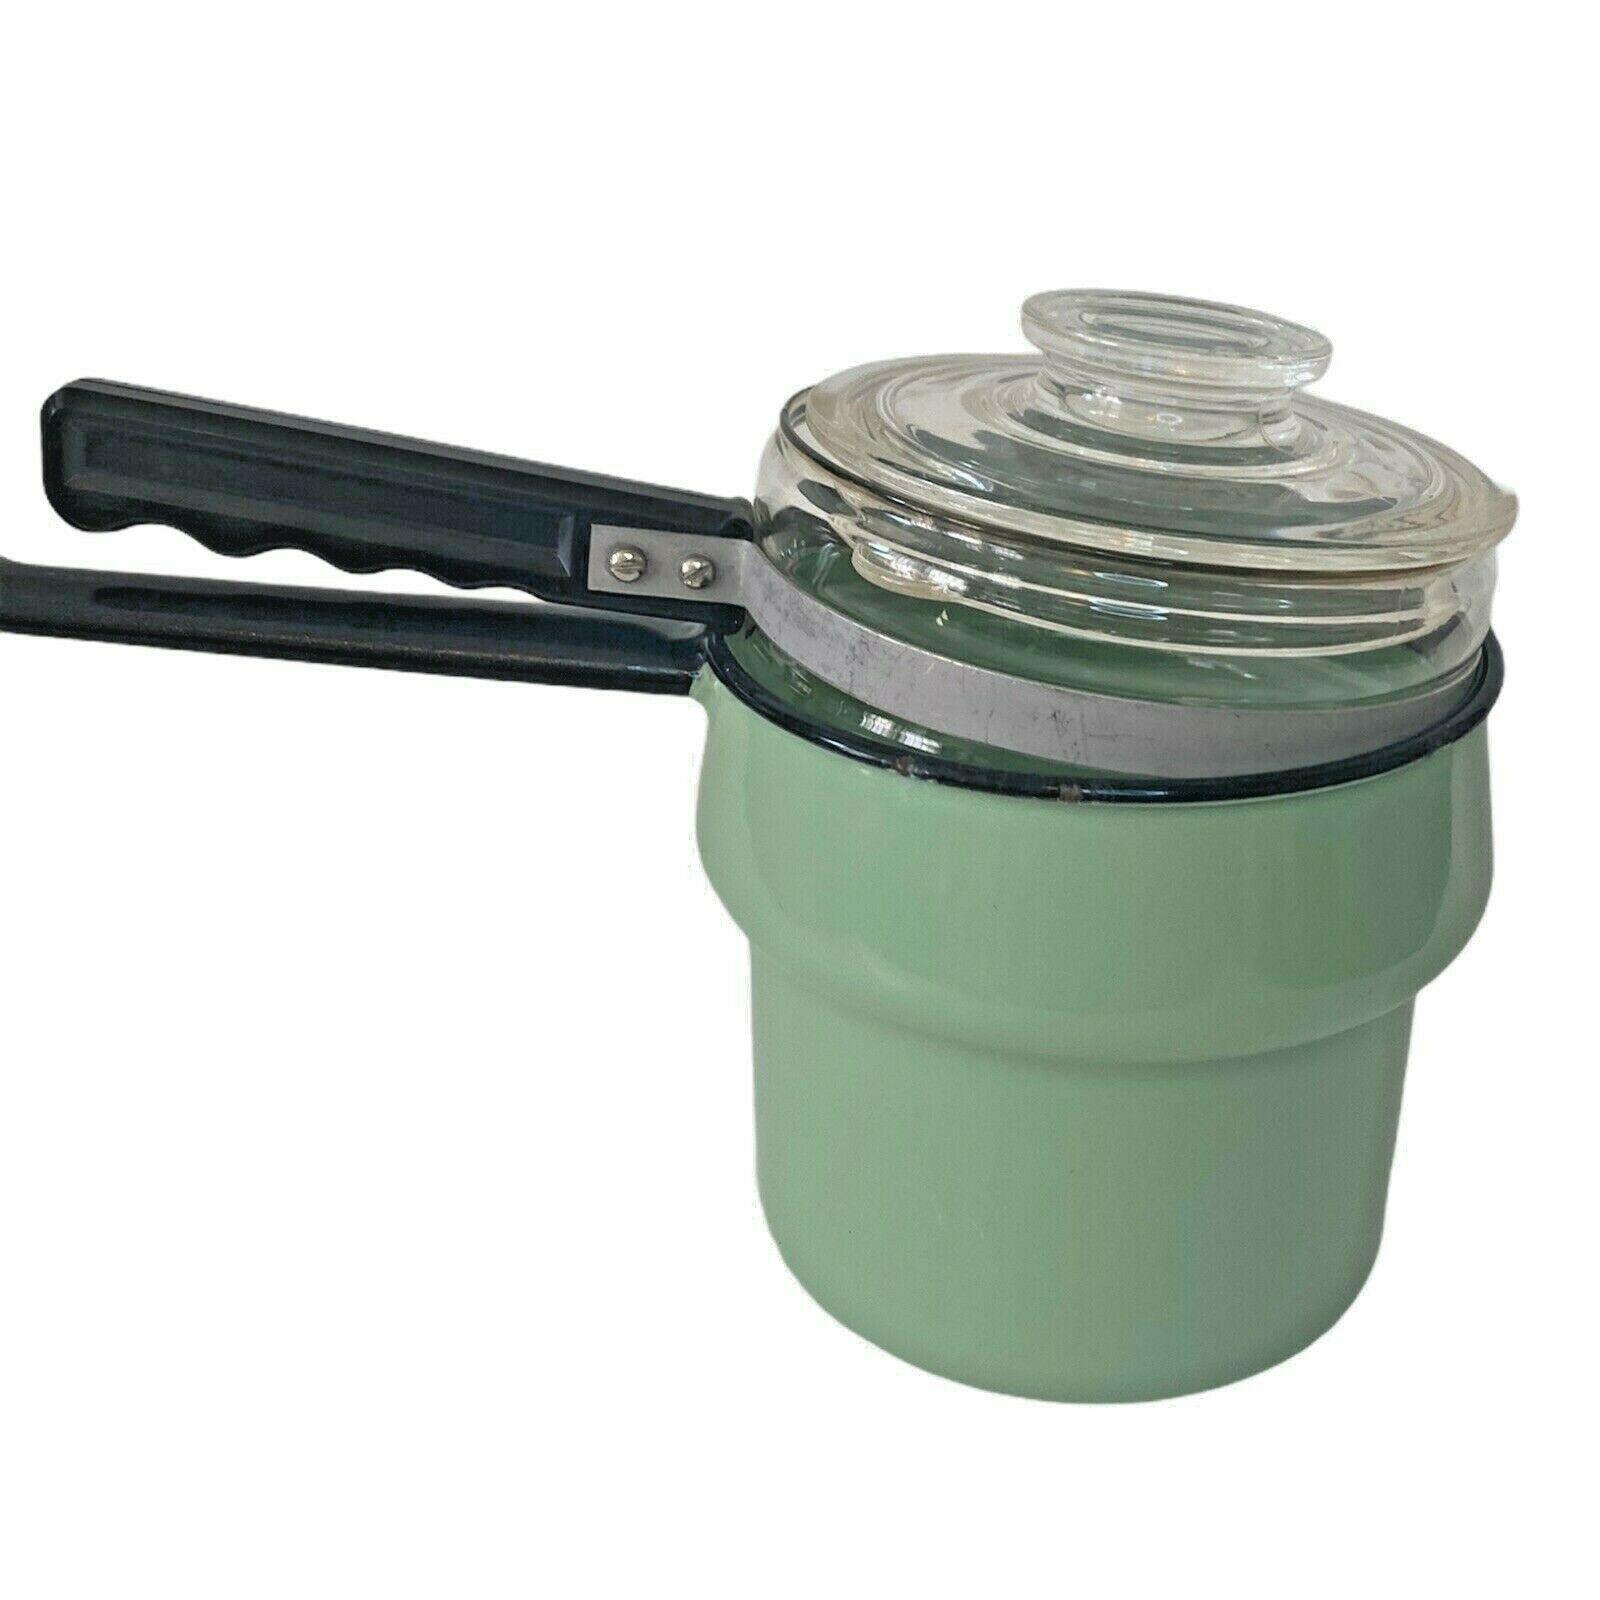 Vintage ENAMELWARE & PYREX Double Boiler Pot Green W/ Lid & Black Trim - $68.59